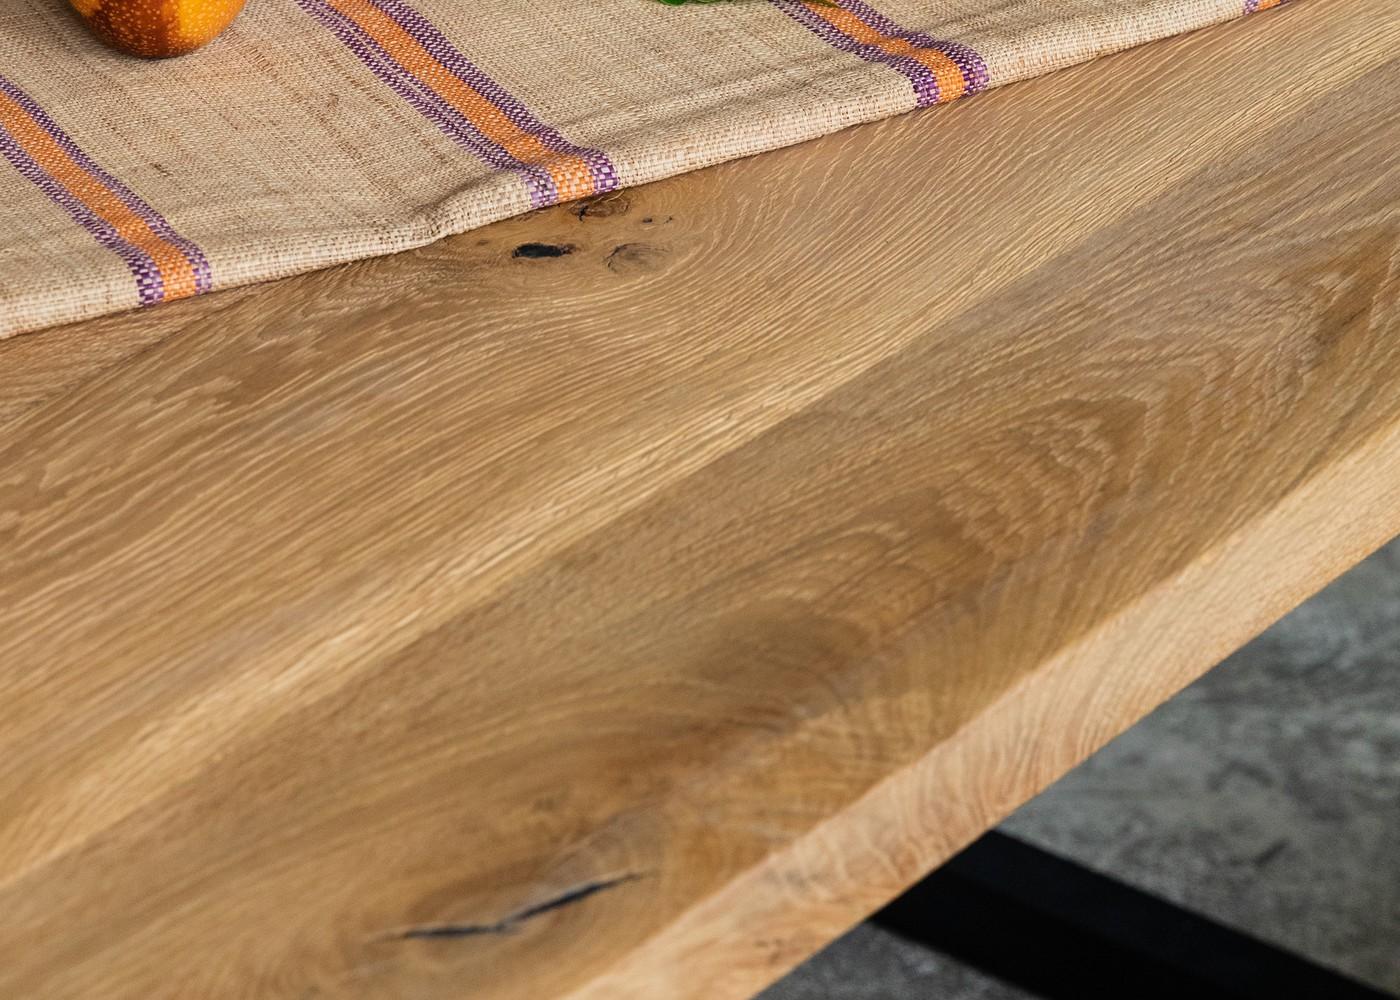 Banc BRUGES à partir de vieux madrier en chêne brut - longueur max: 2700mm